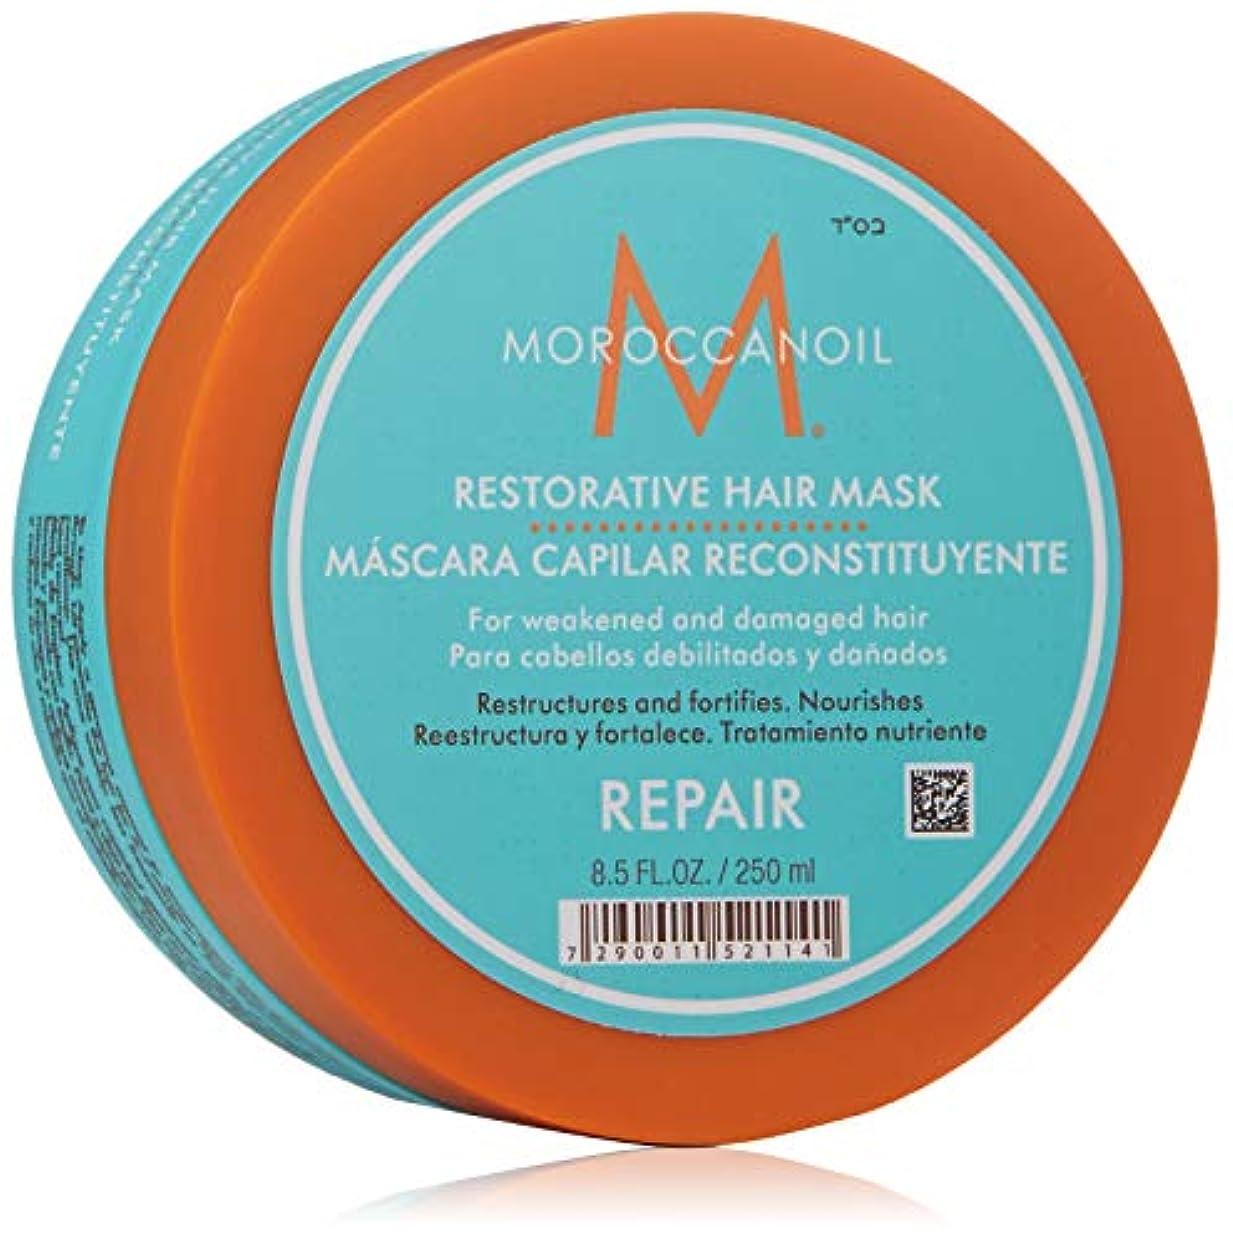 スポンジ改善するひねりモロッカンオイル リストレーティブヘアマスク 250ml